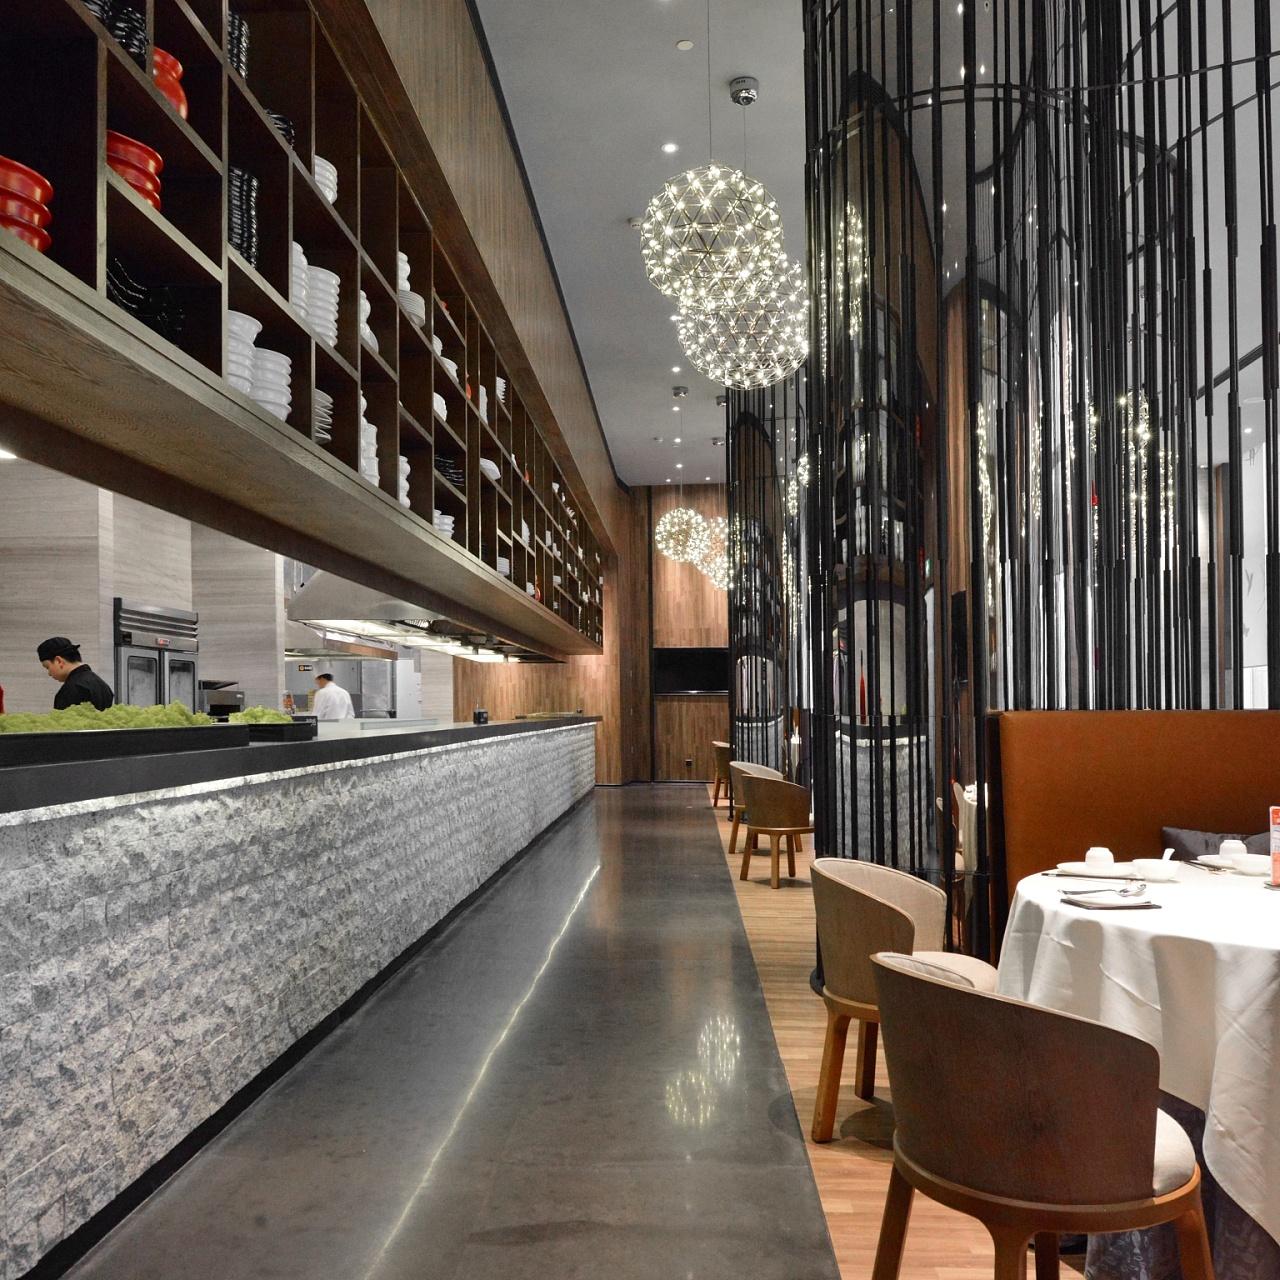 重庆餐饮团_重庆音乐餐厅设计